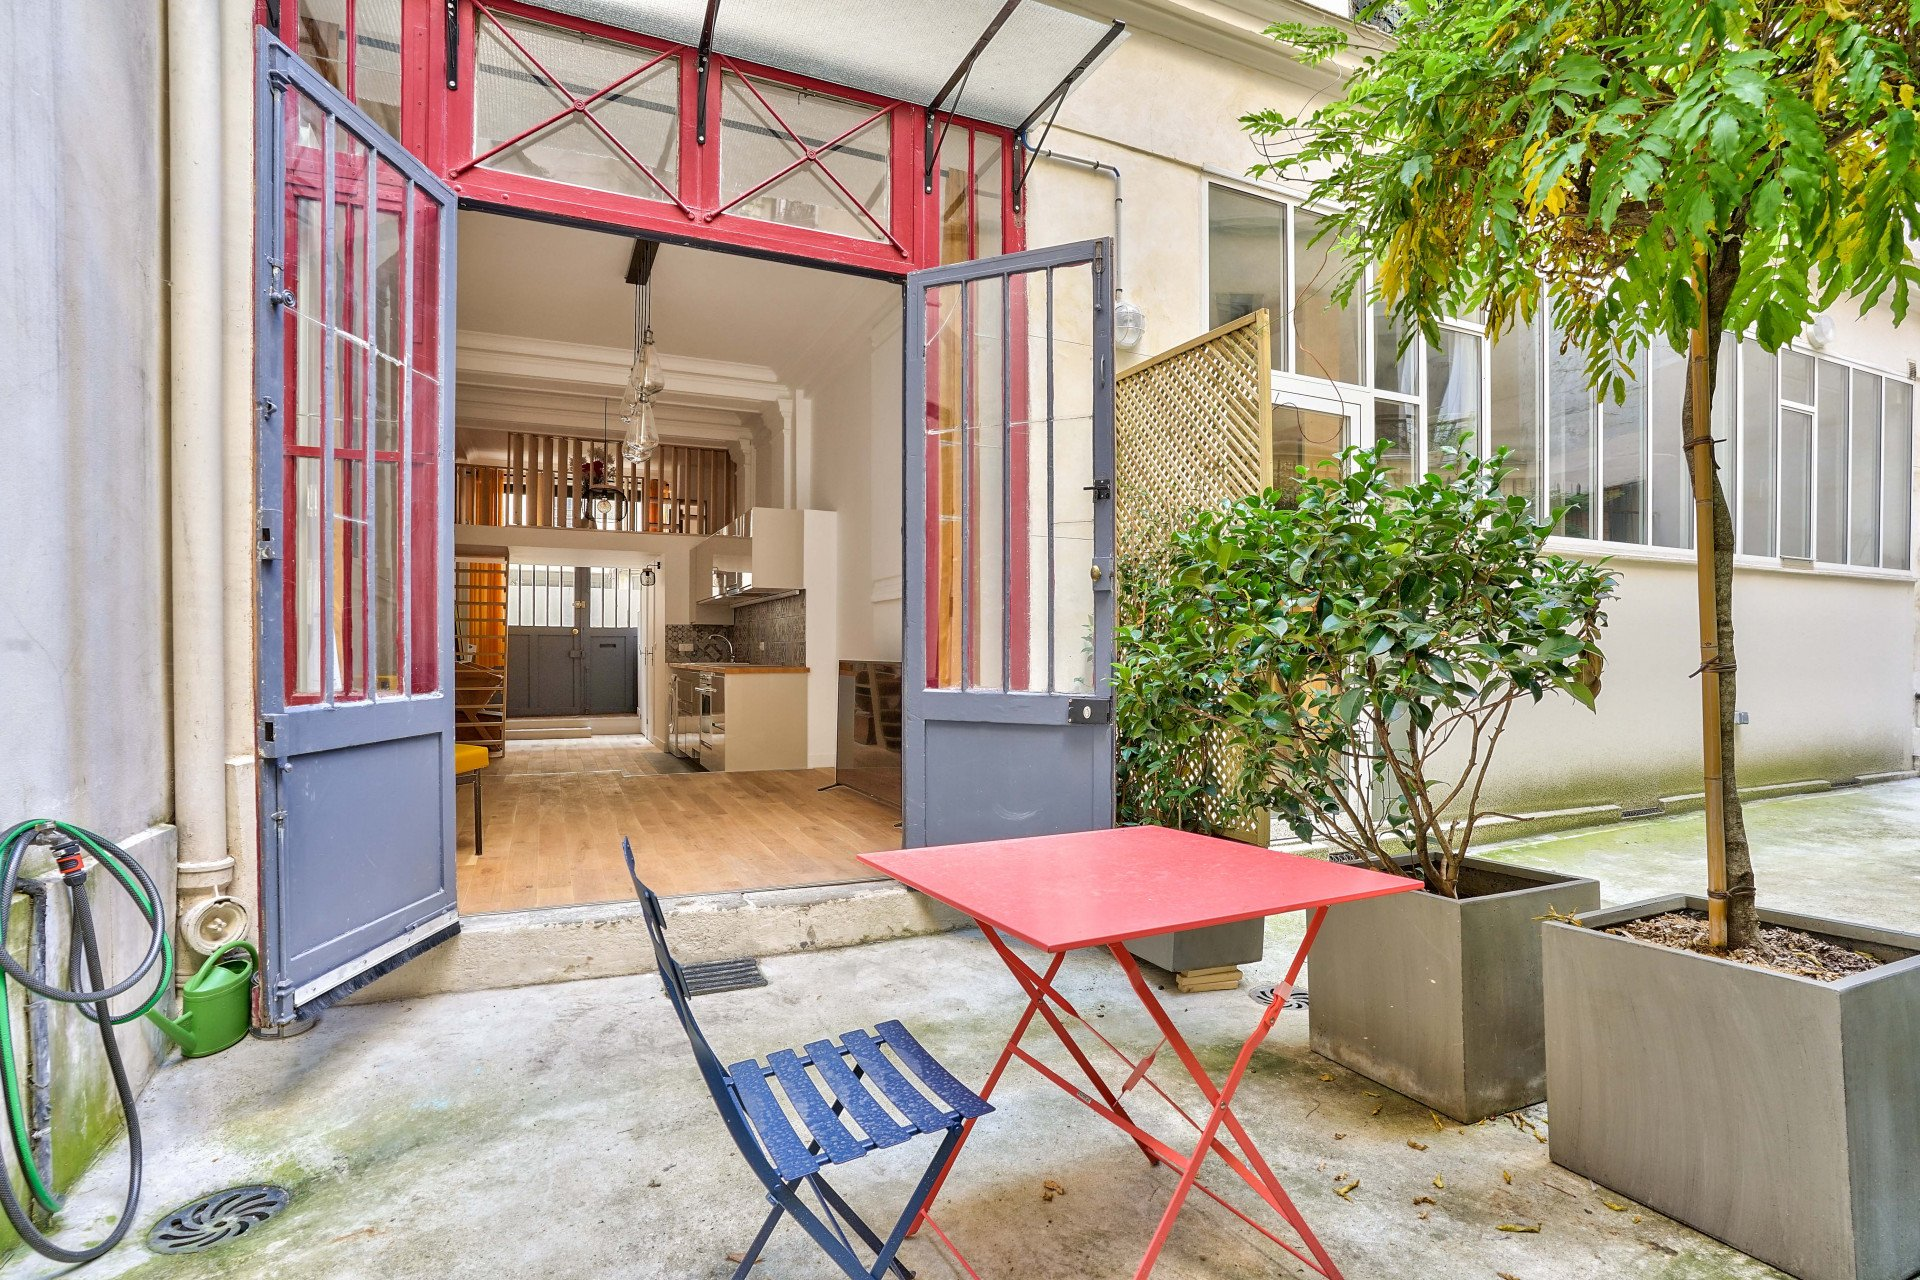 Vente Appartement - Paris 10ème Porte-Saint-Martin